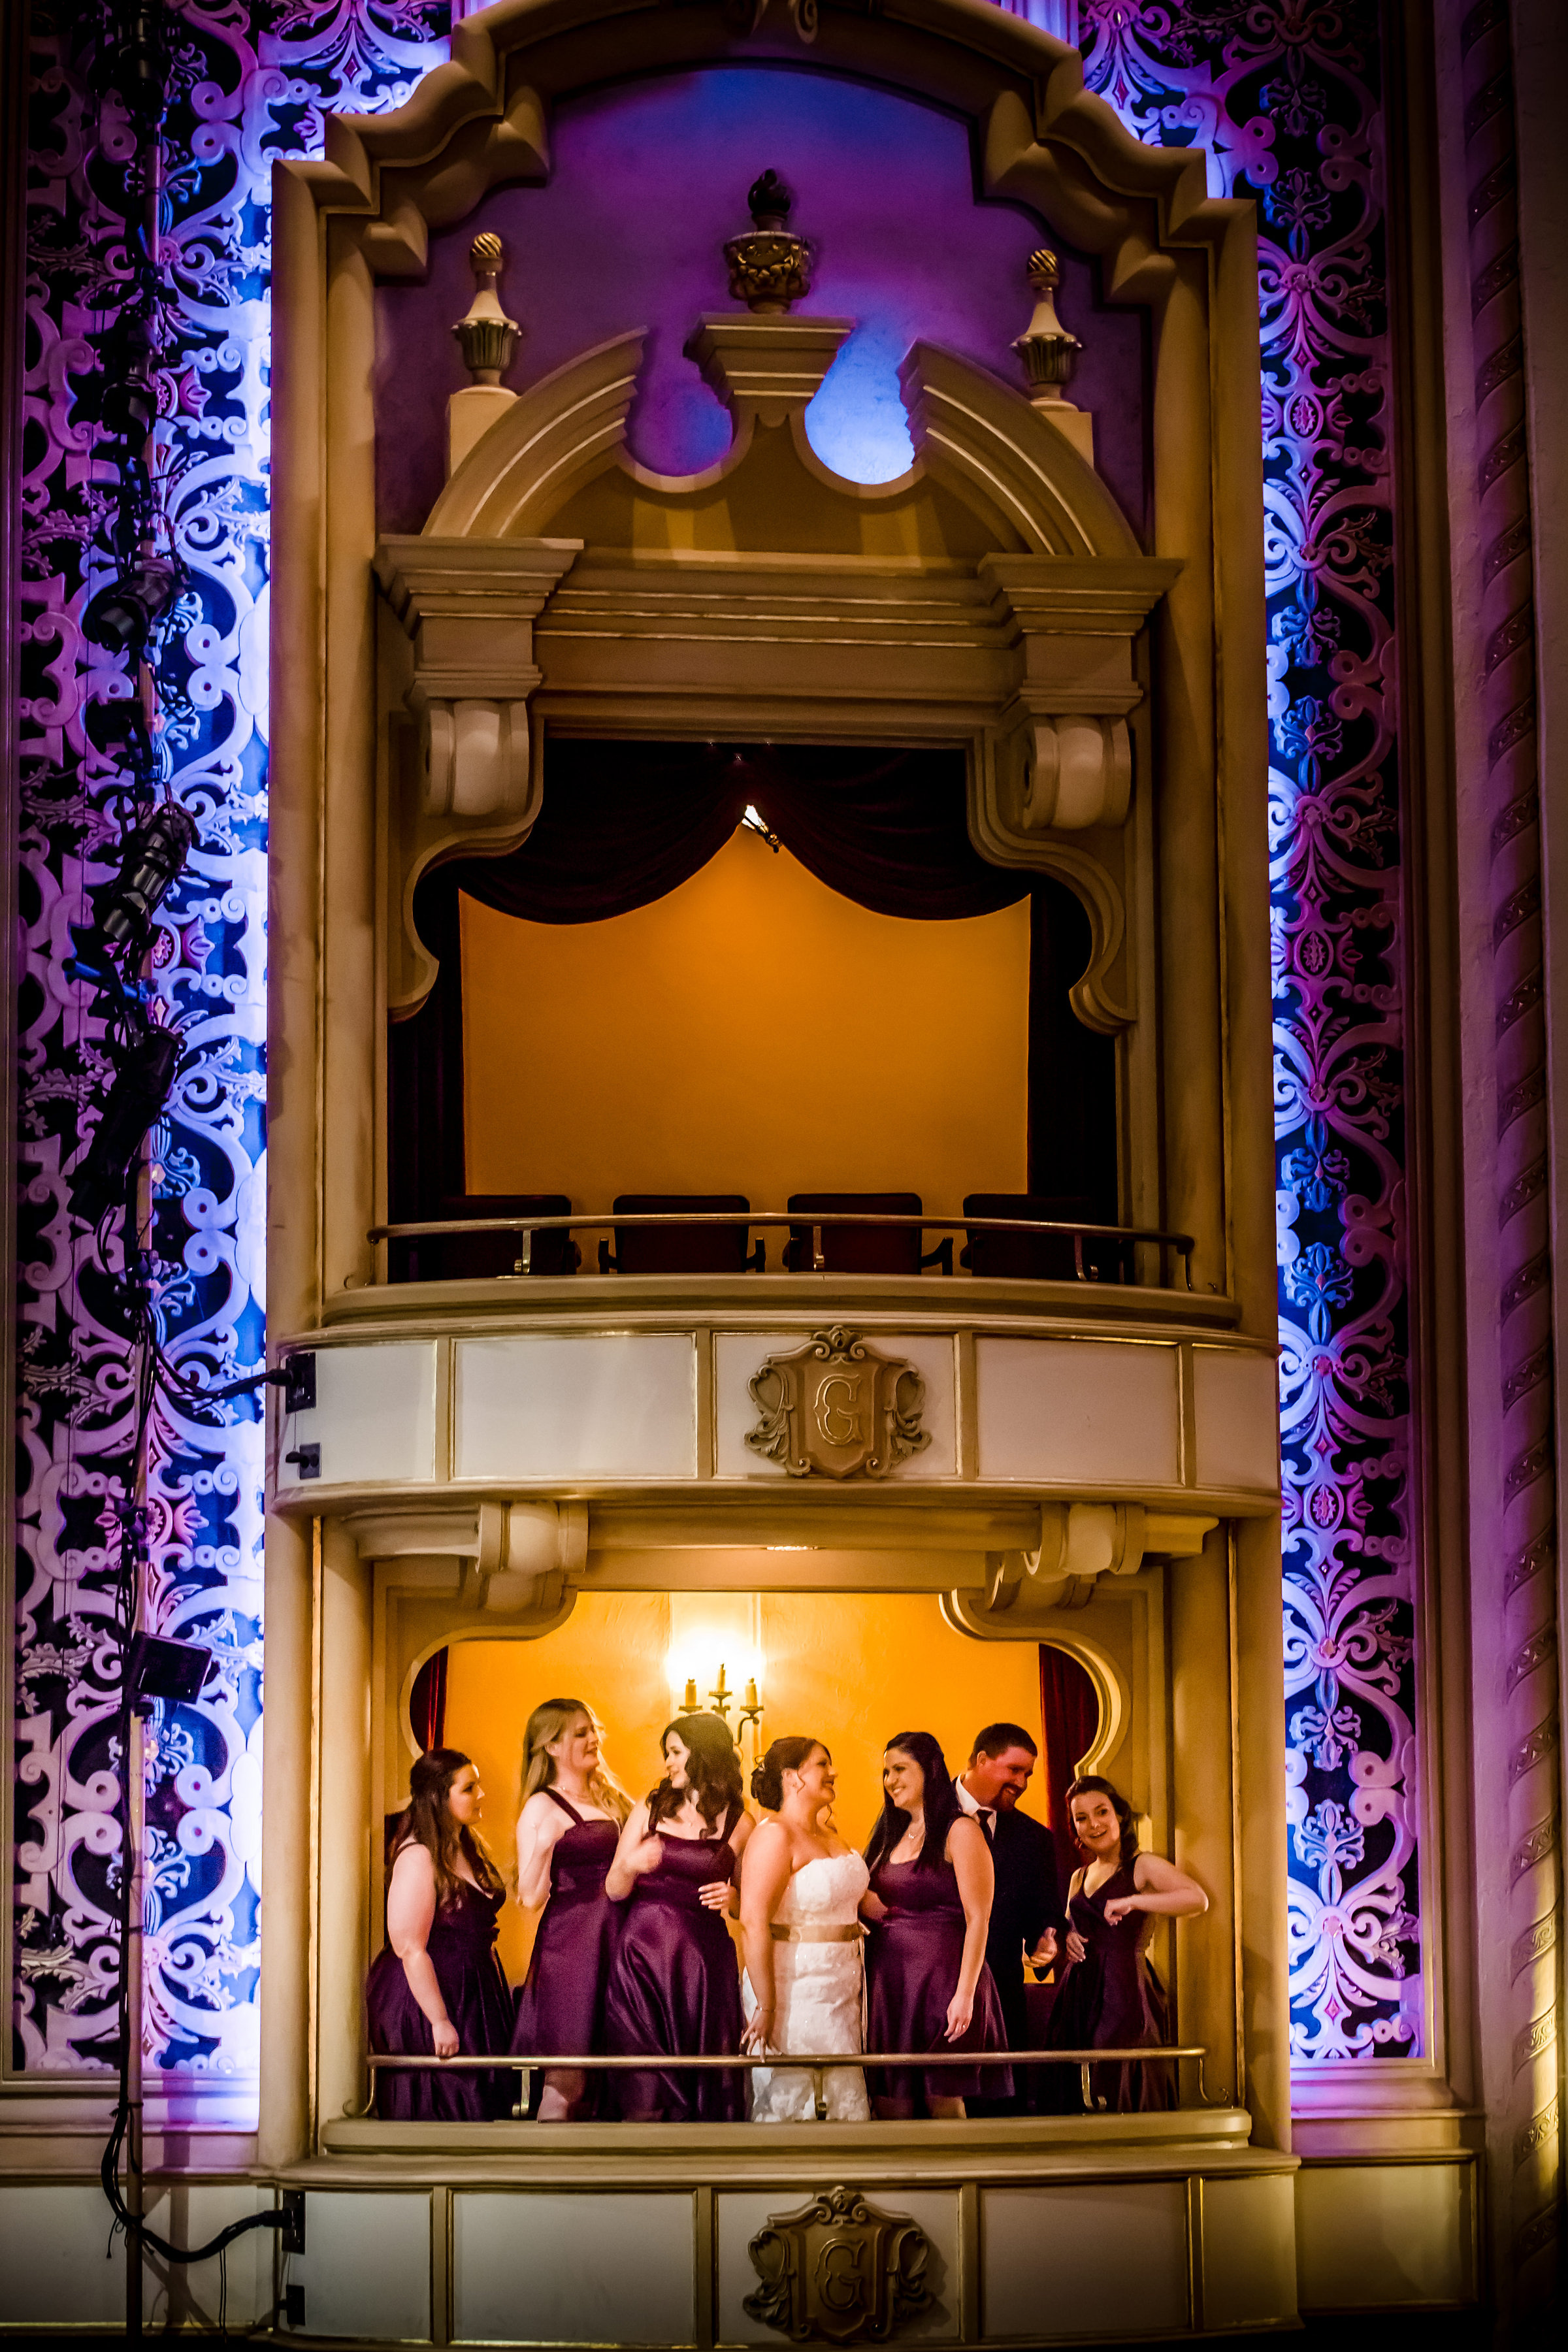 santabarbarawedding.com   The Granada Theatre   Theater Venue   Location Wedding Ceremony   Reception Venue   Balcony